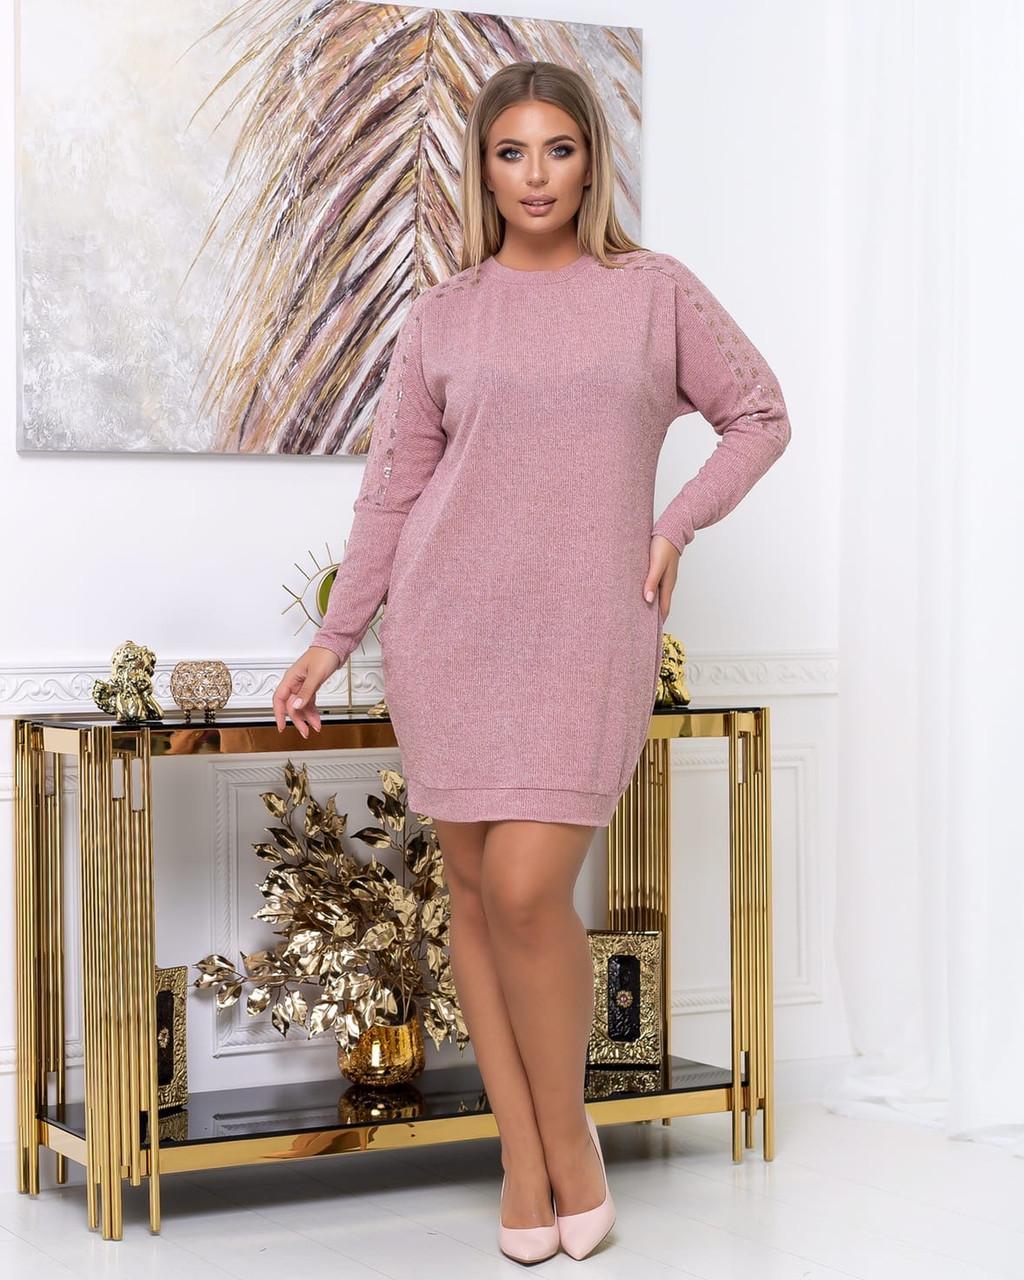 Платье из тонкой вязки полуприталенного кроя демисезонное, разные цвета р.48.50.52.54.56 Код Синтра